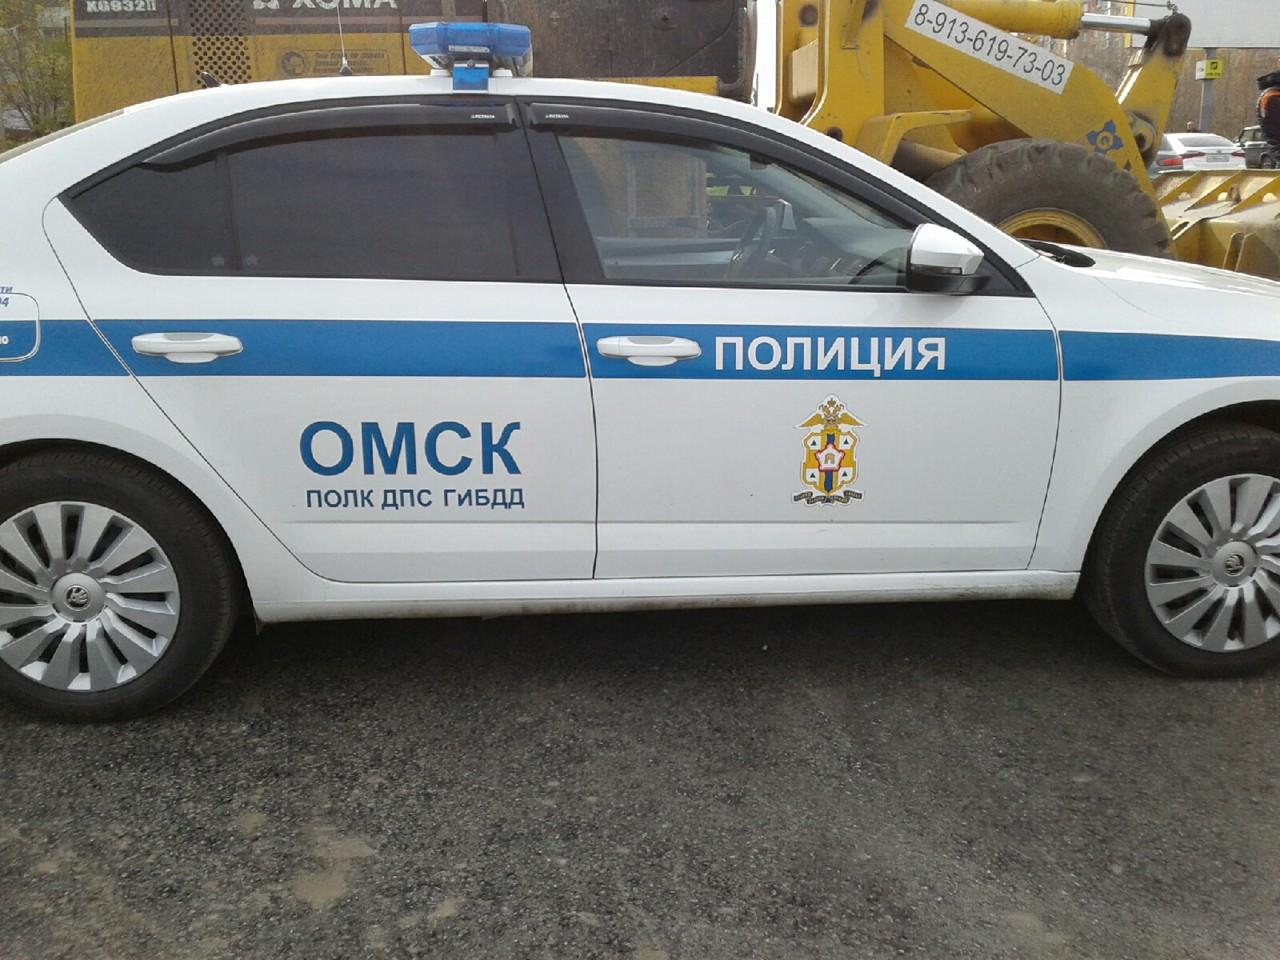 В Омске нашли водителя, который сбил велосипедиста и сбежал #Новости #Общество #Омск